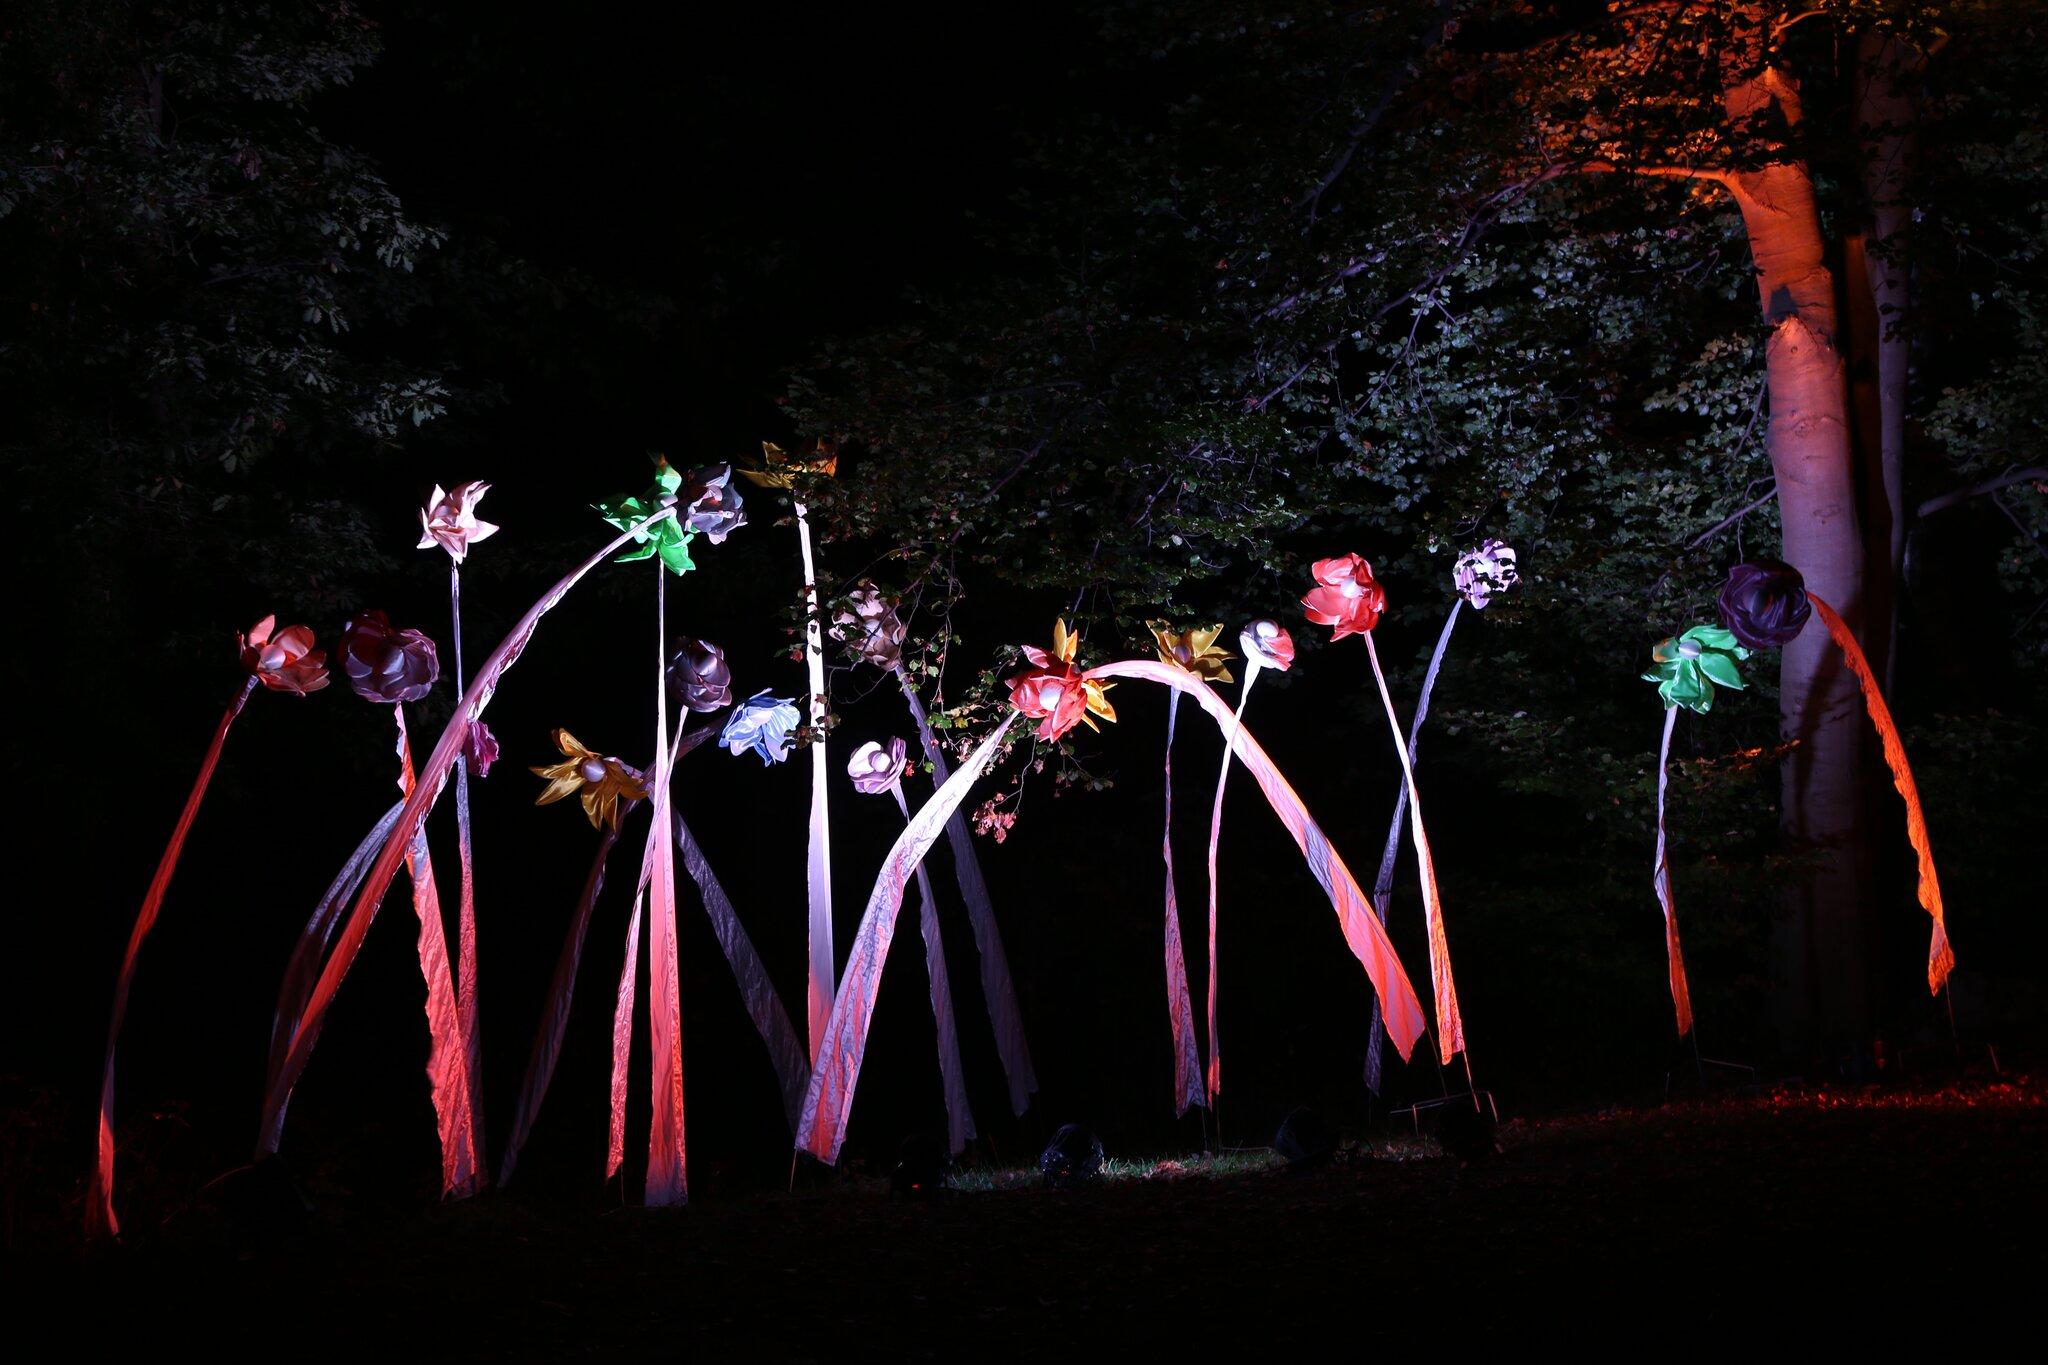 Herbstlichtgarten: Bunte Lichtspiele im Sauerlandpark Hemer - Hemer